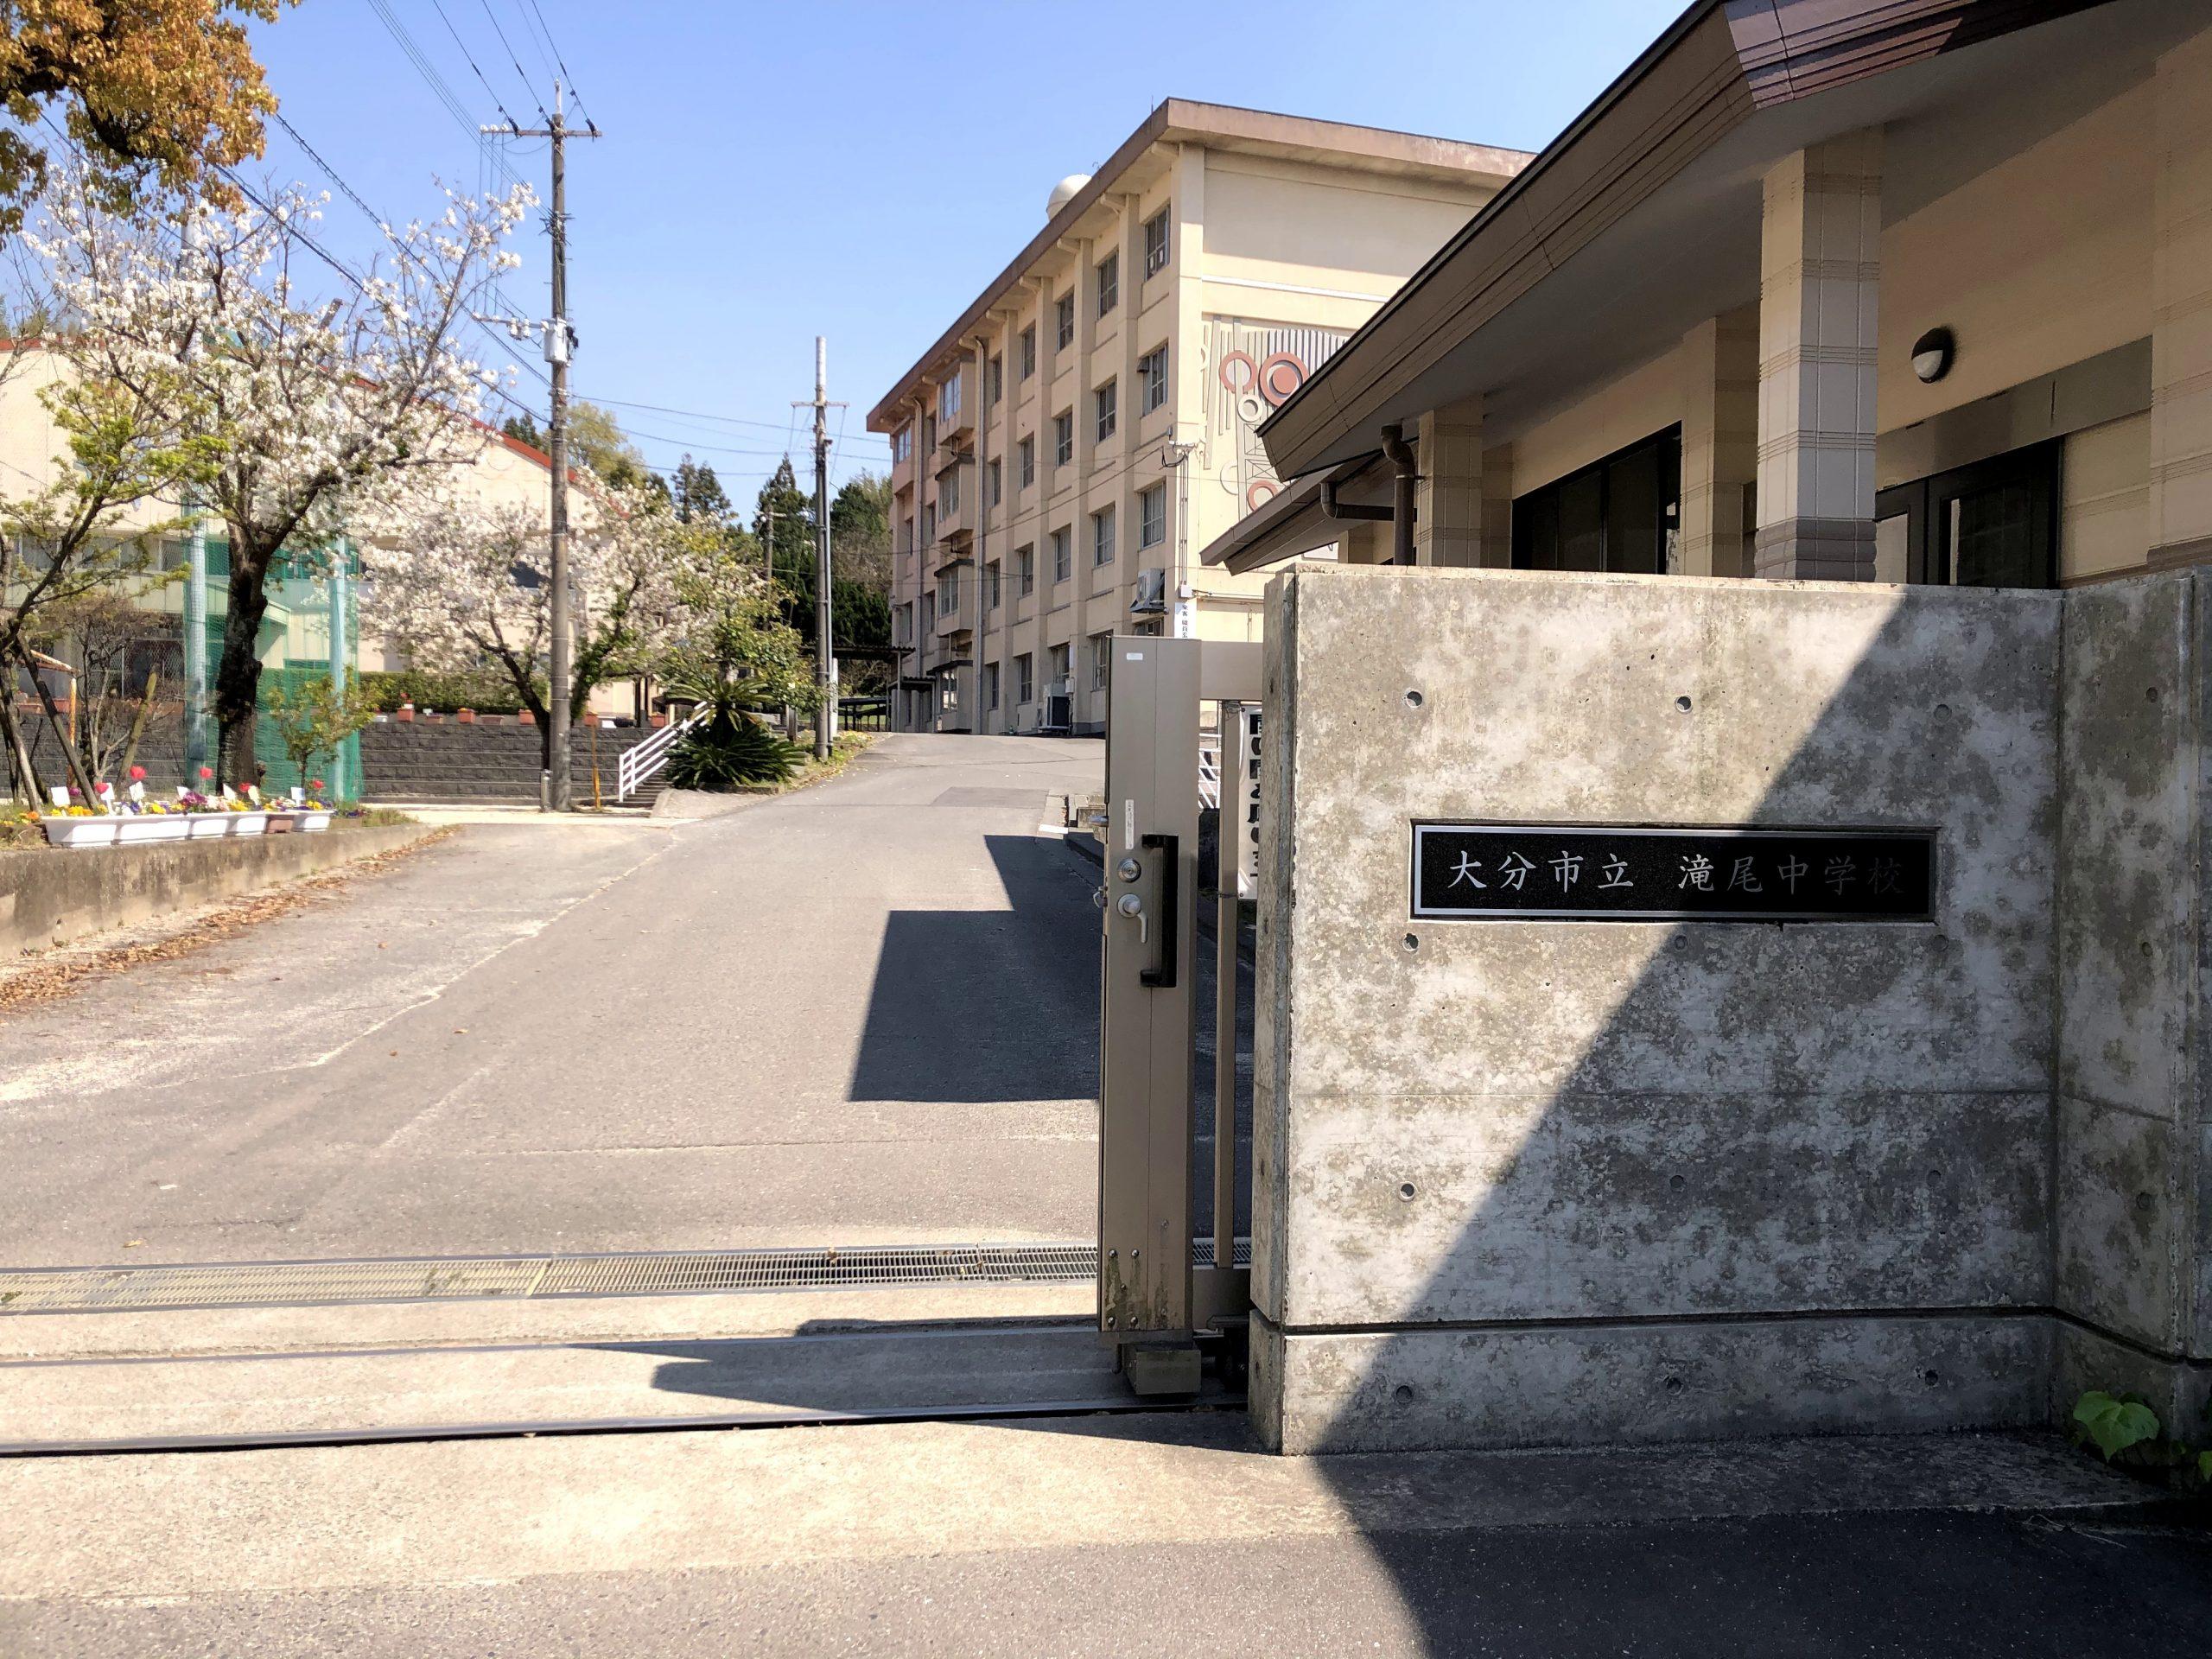 大分市の不動産物件 周辺環境 滝尾中学校